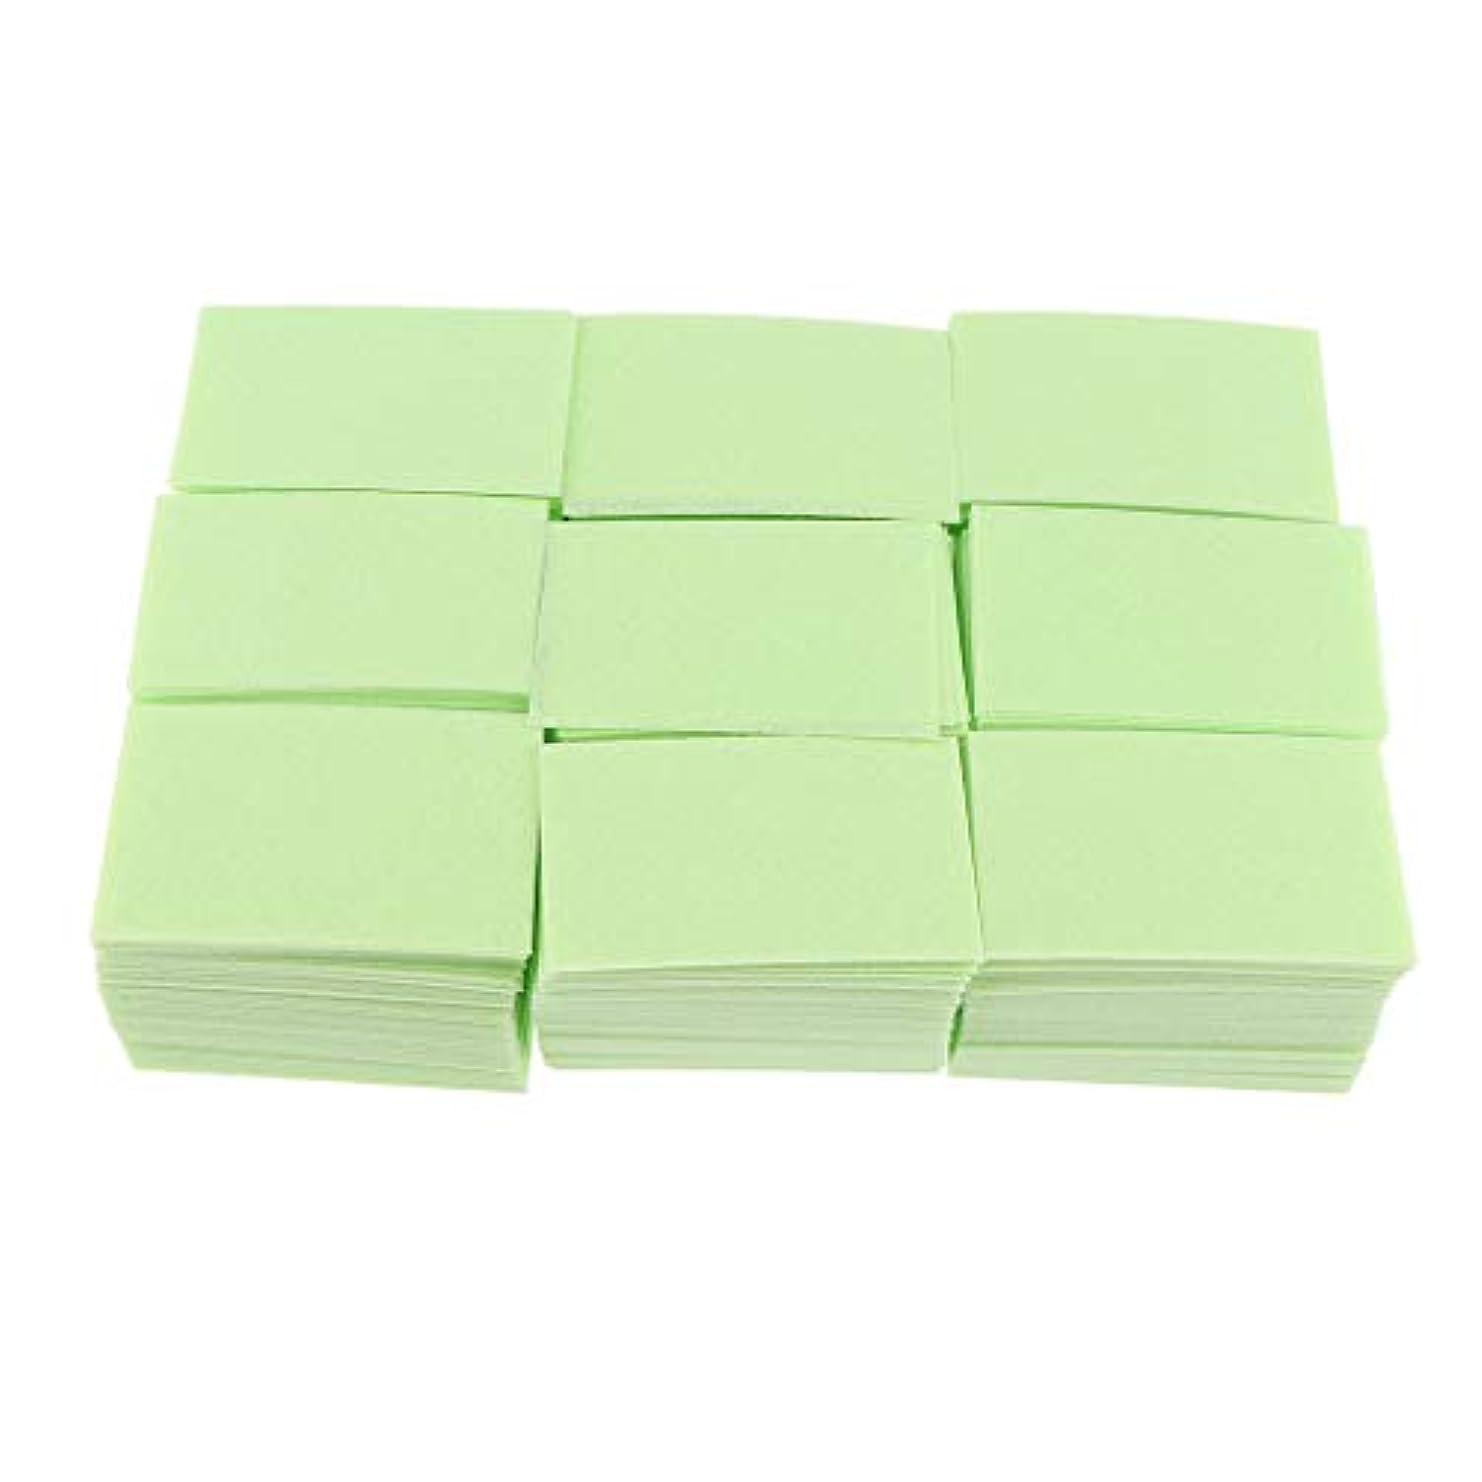 農夫義務付けられたキャンドルP Prettyia 約700枚 ネイルポリッシュリムーバー 綿パッド 2色選べ - 緑